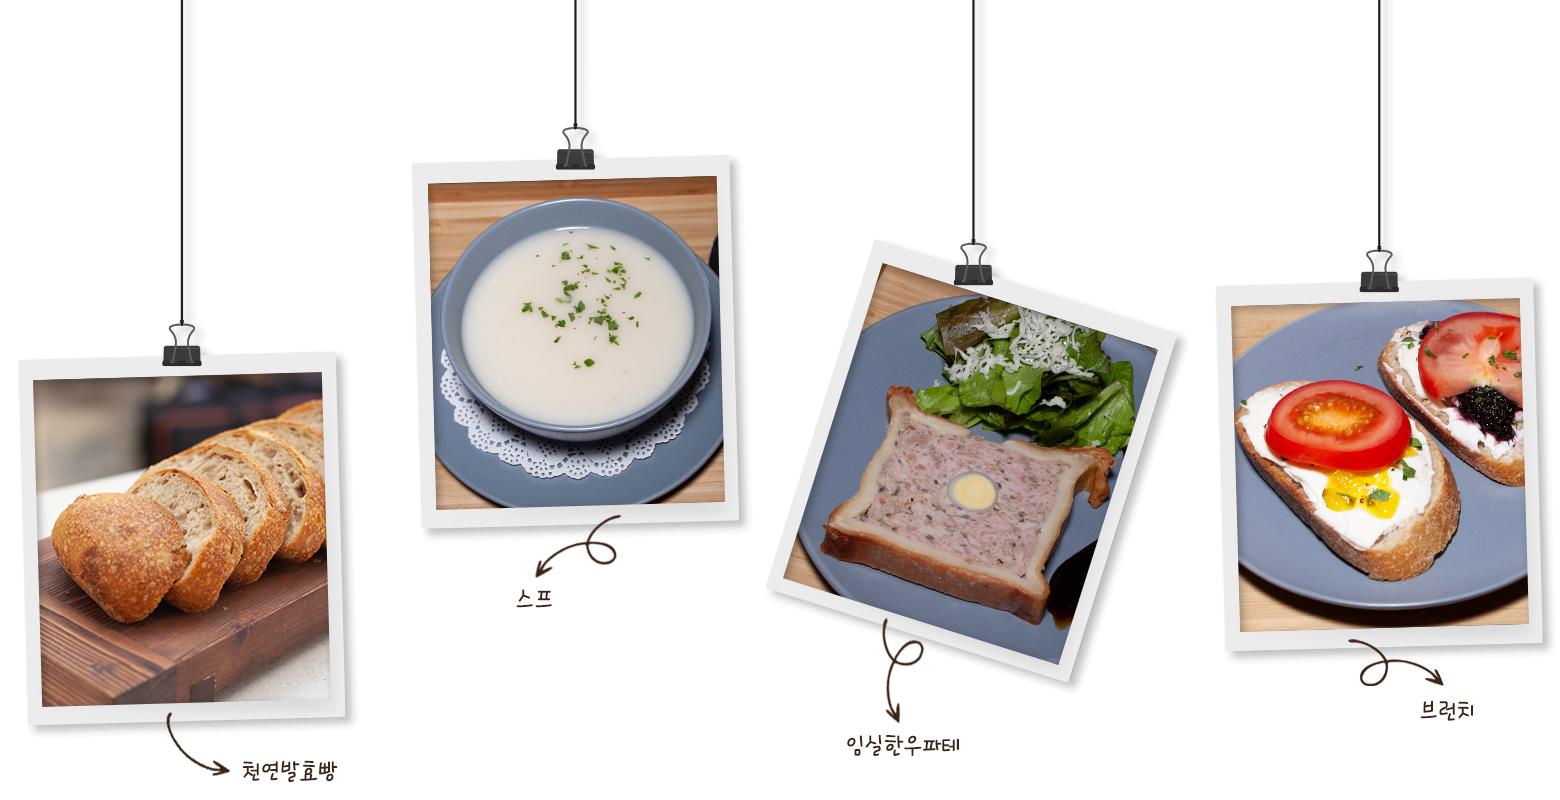 천연발효빵 화락당 메뉴